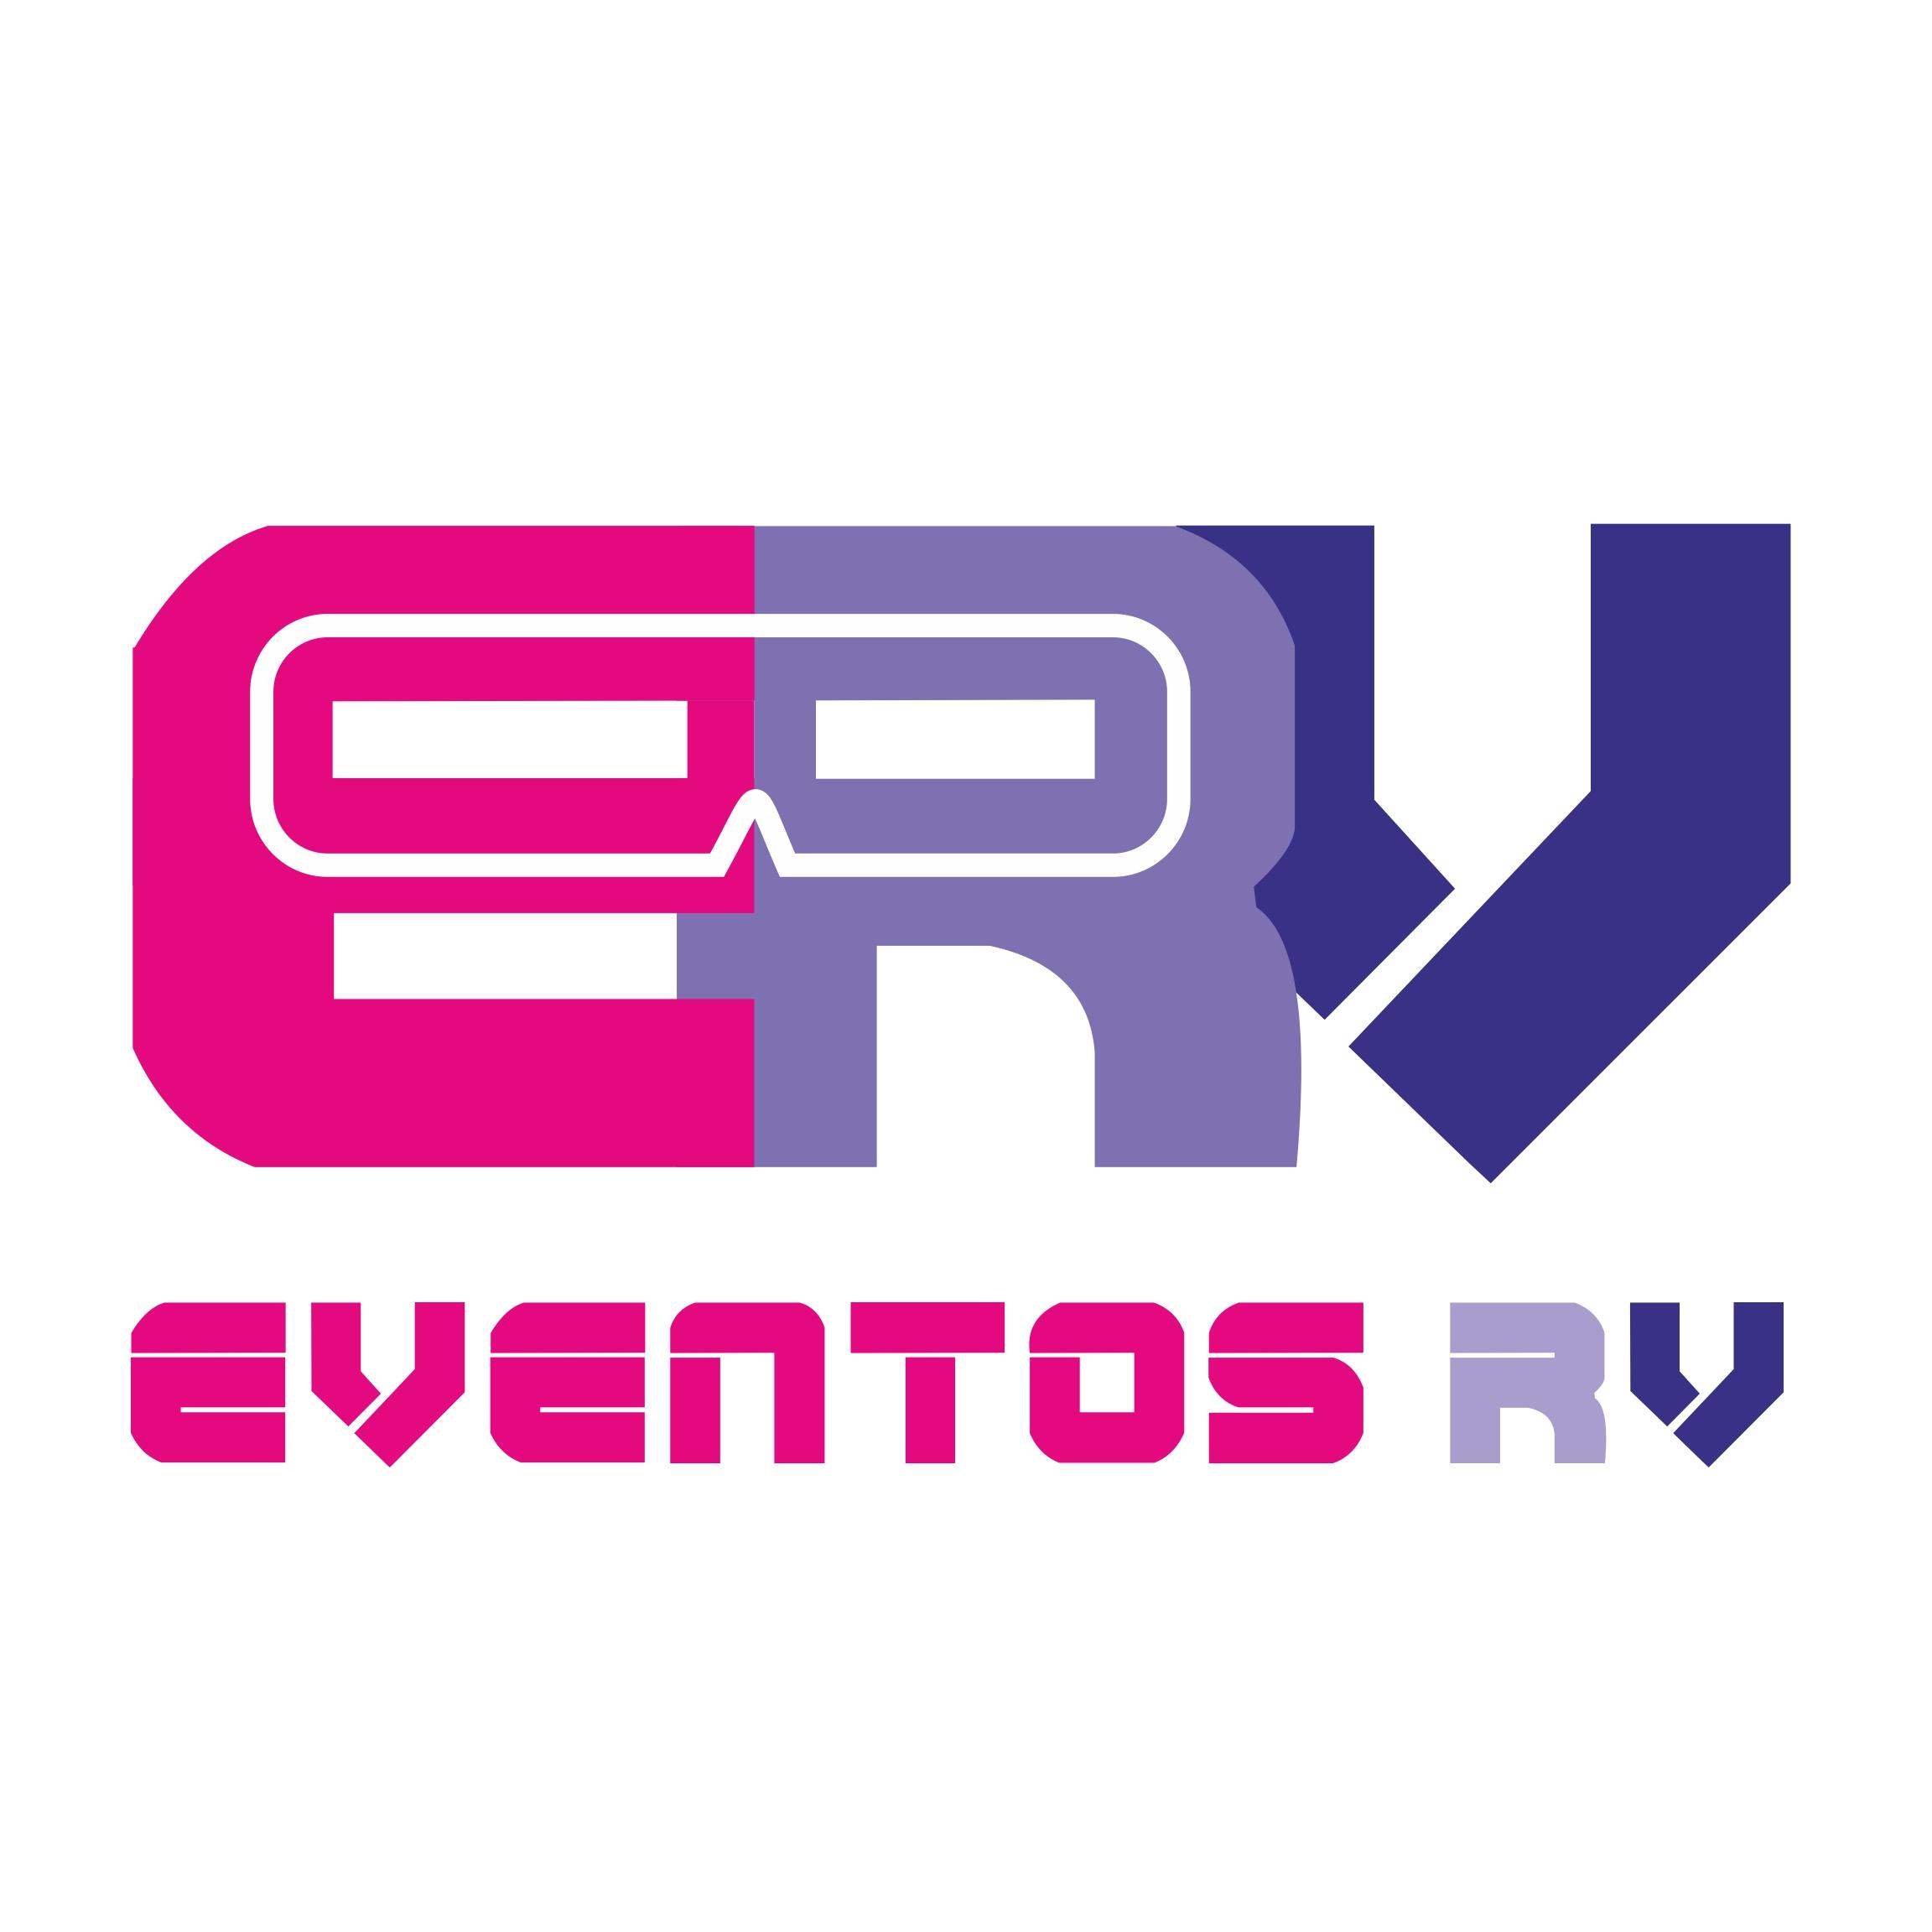 Logo EVENTOS RV